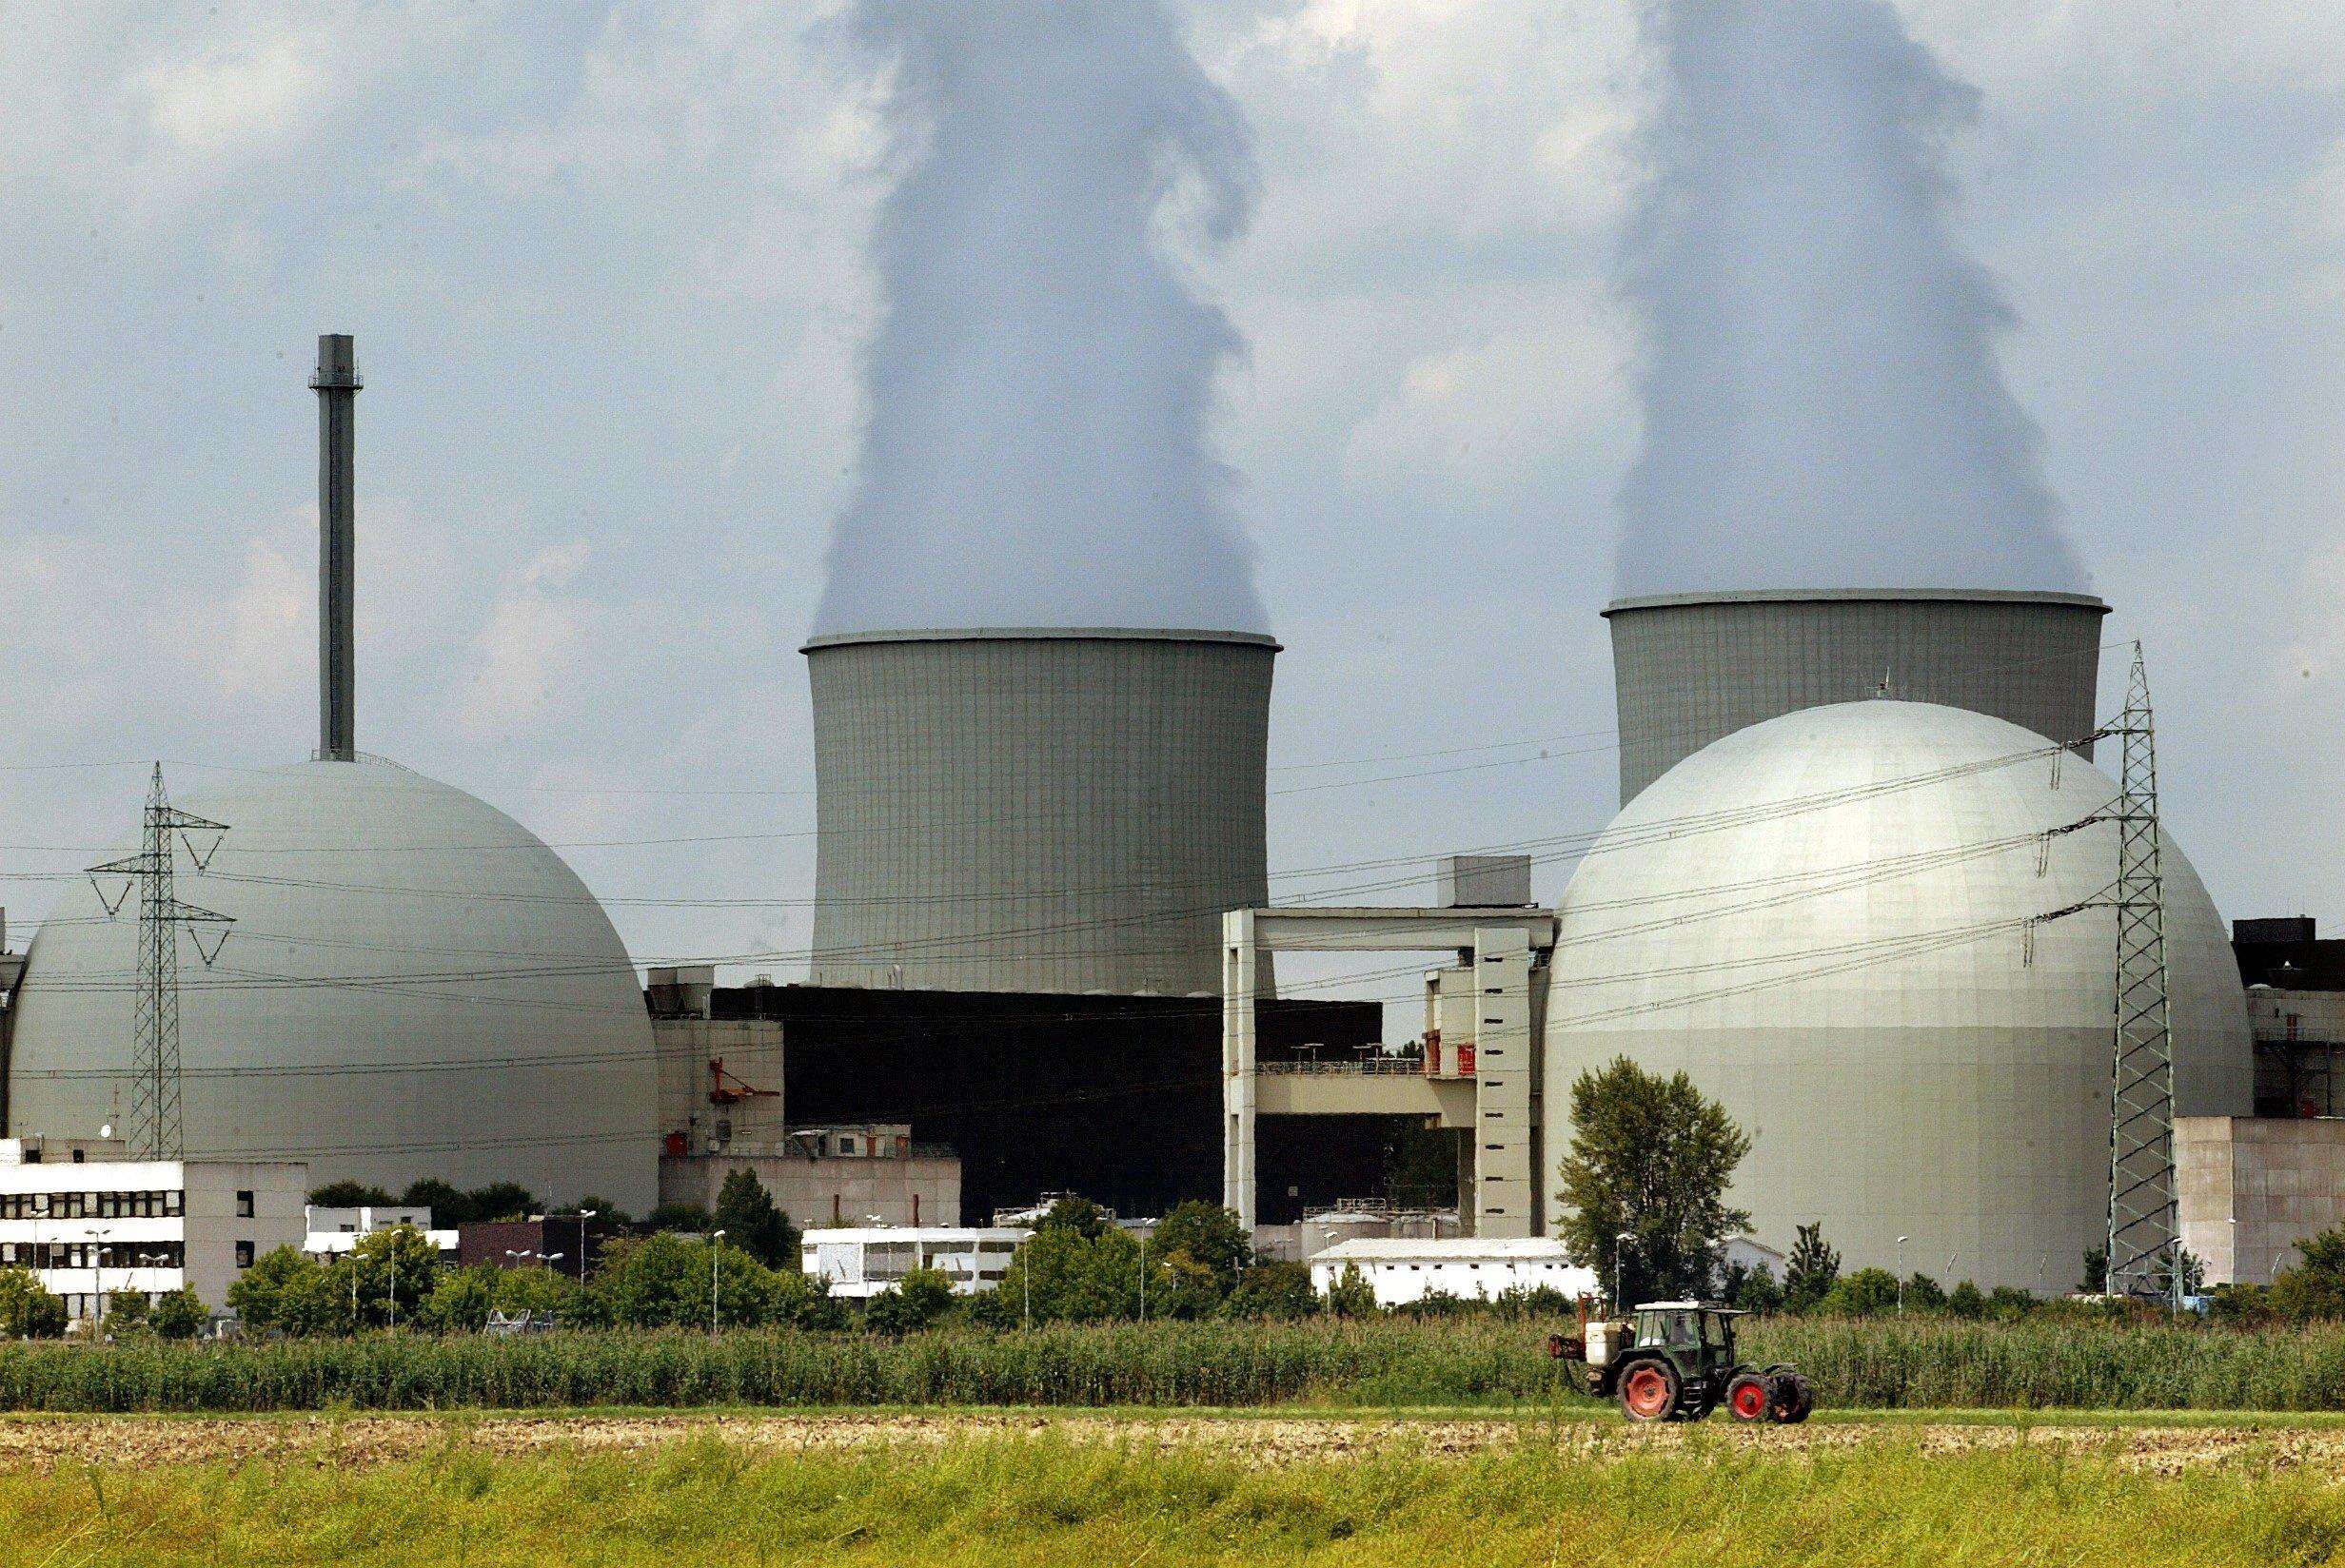 Während Deutschland sich von der Atomenergie verabschiedet, plant China mit dem Bau von Kernkraftwerken in Europa den großen Einstieg ins Exportgeschäft.